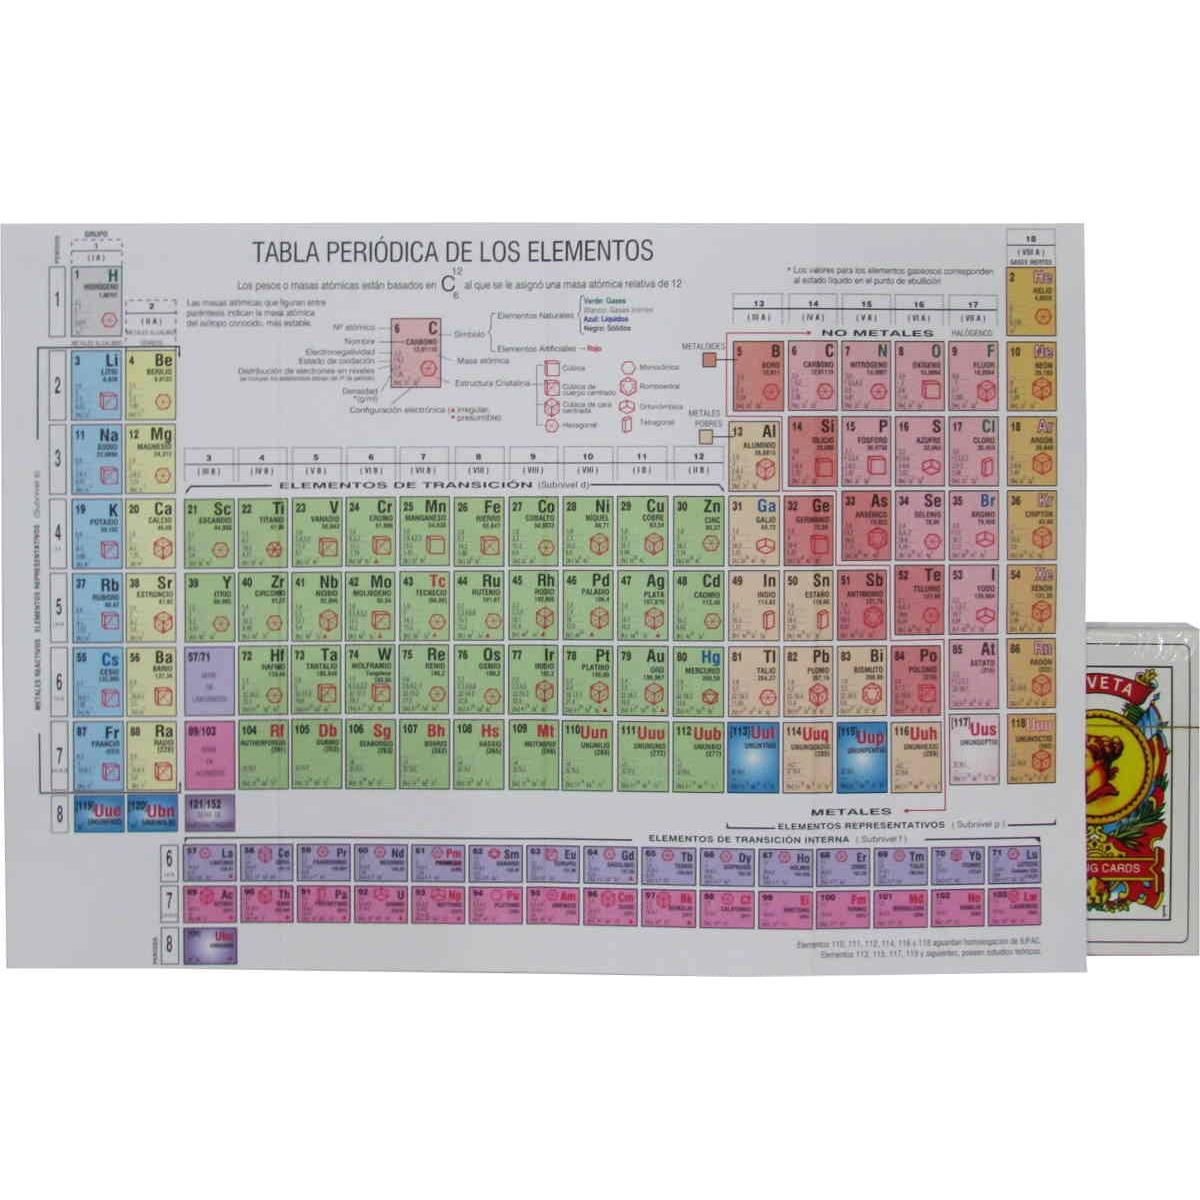 Tabla periodica de los elementos distribuidora romero tabla periodica de los elementos urtaz Image collections